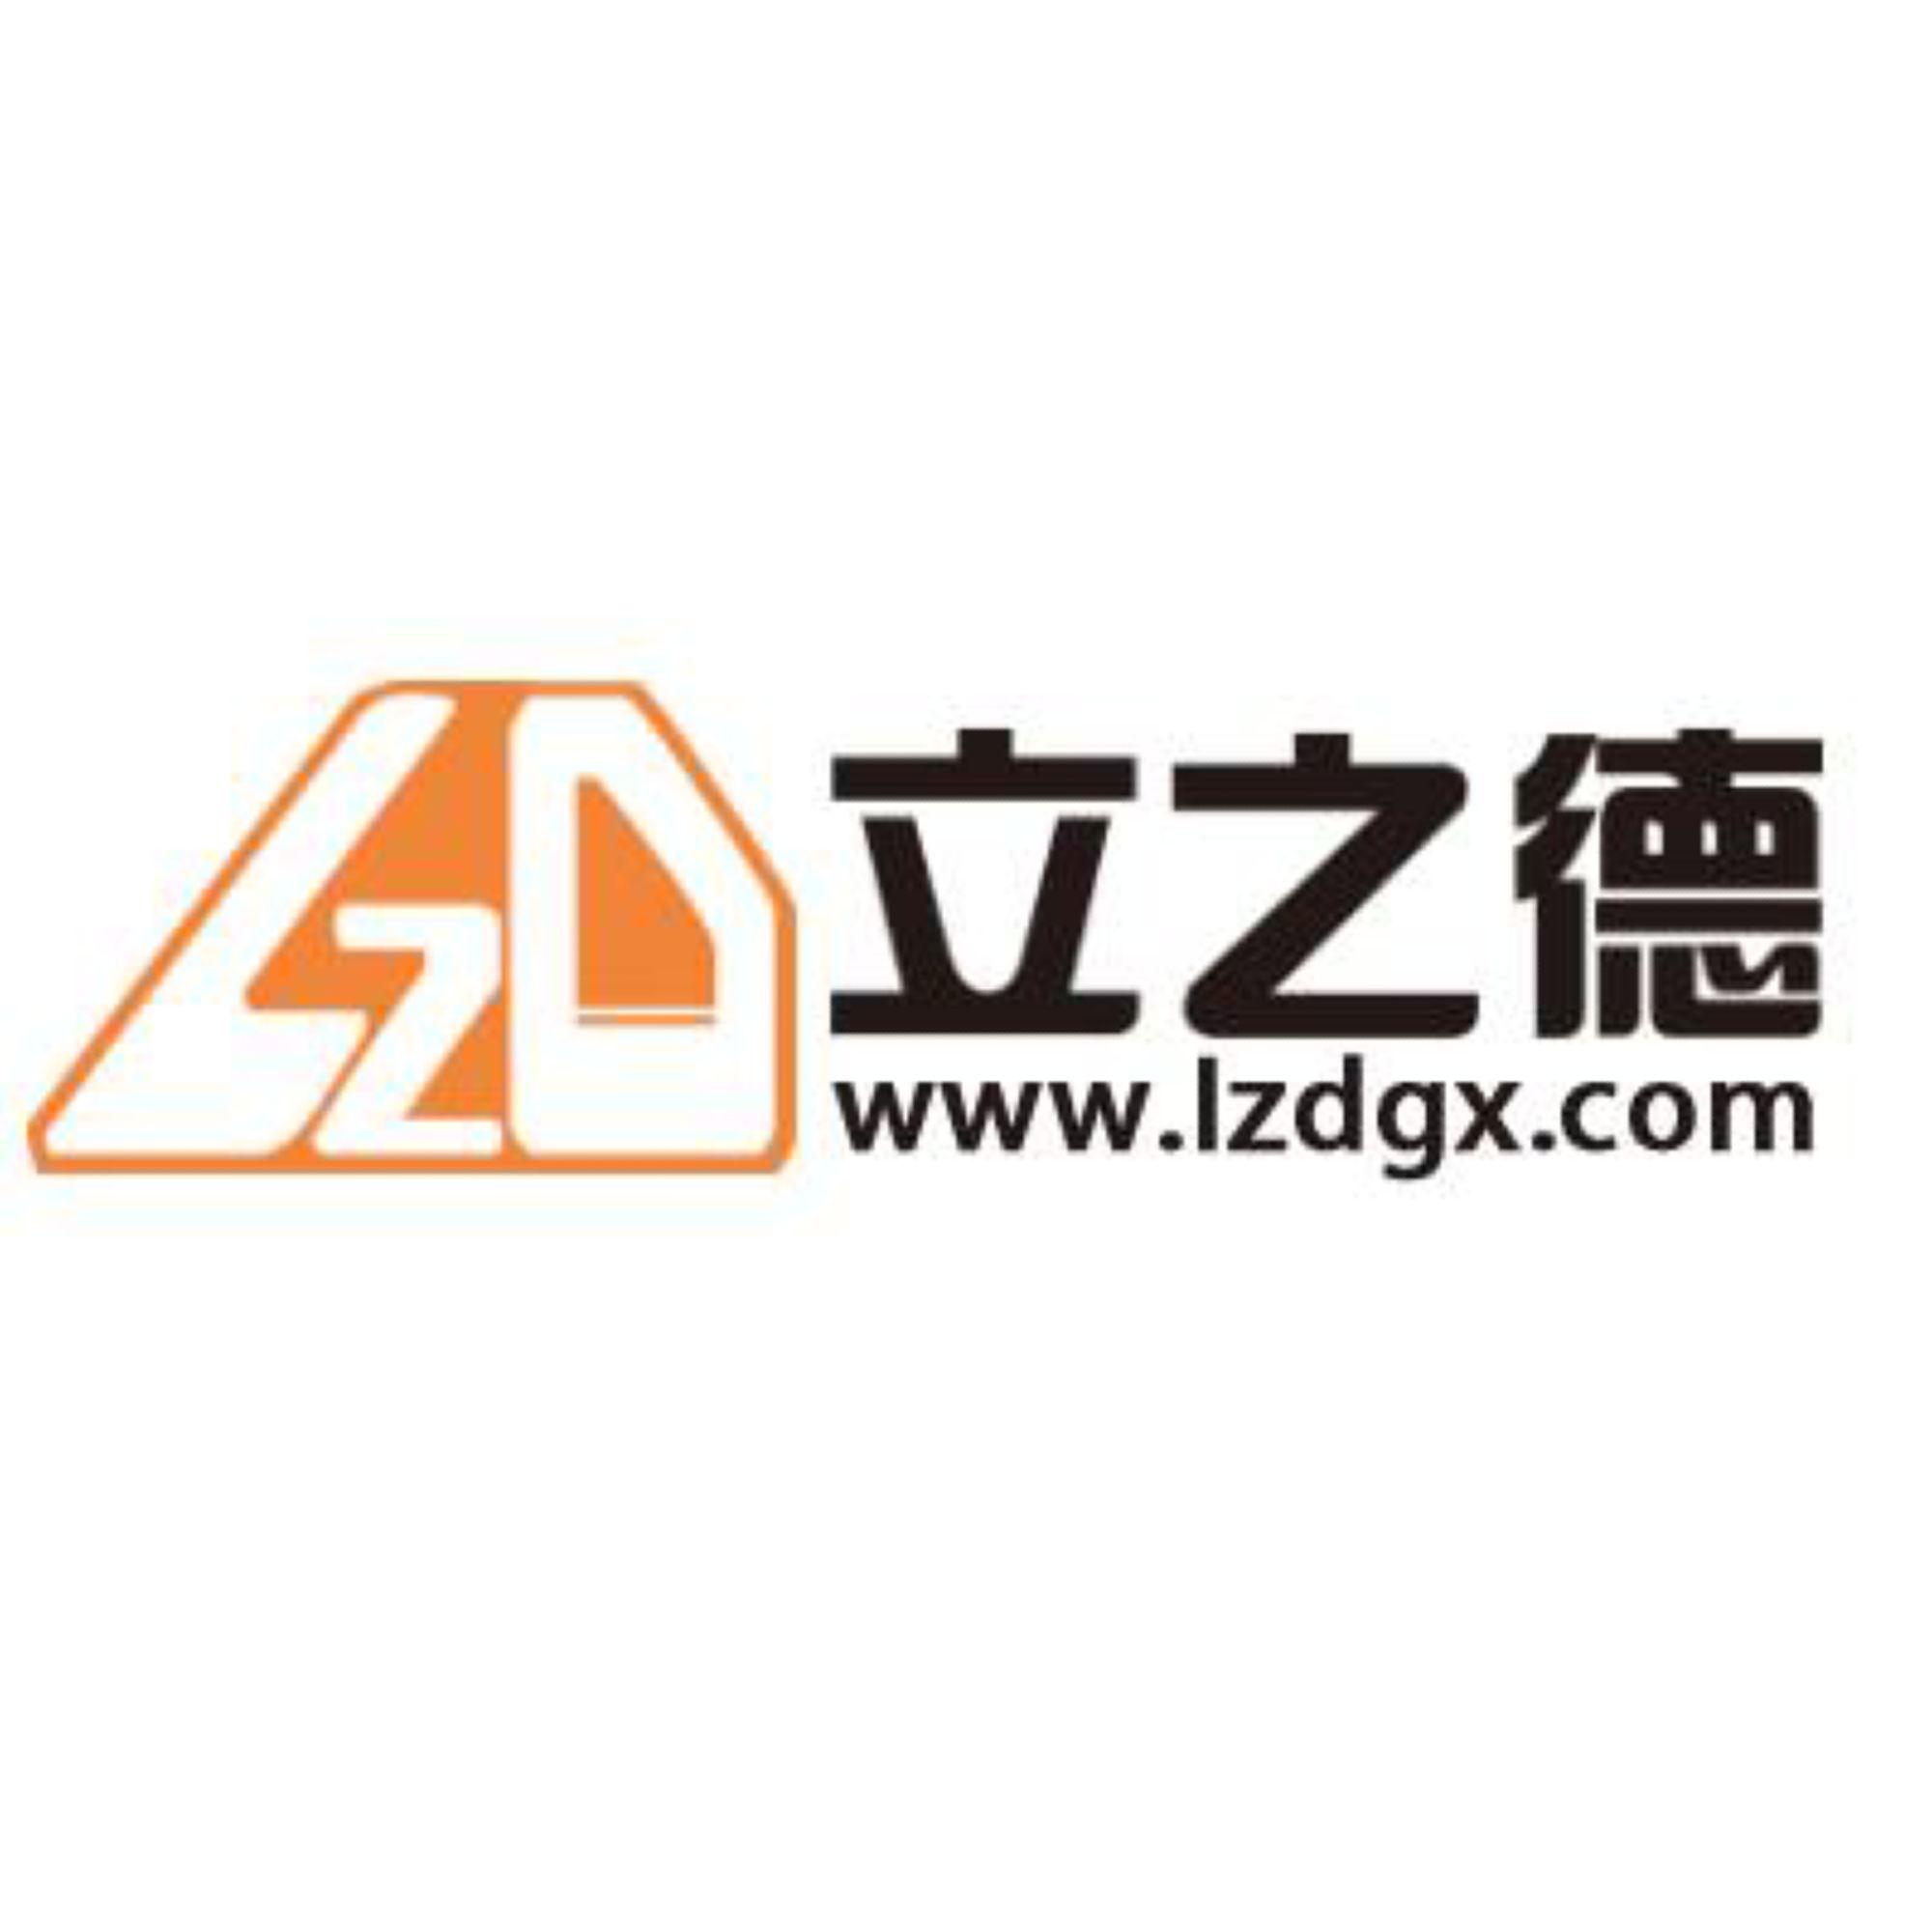 CN-20210413-gxlzd-logo-deeplink.png